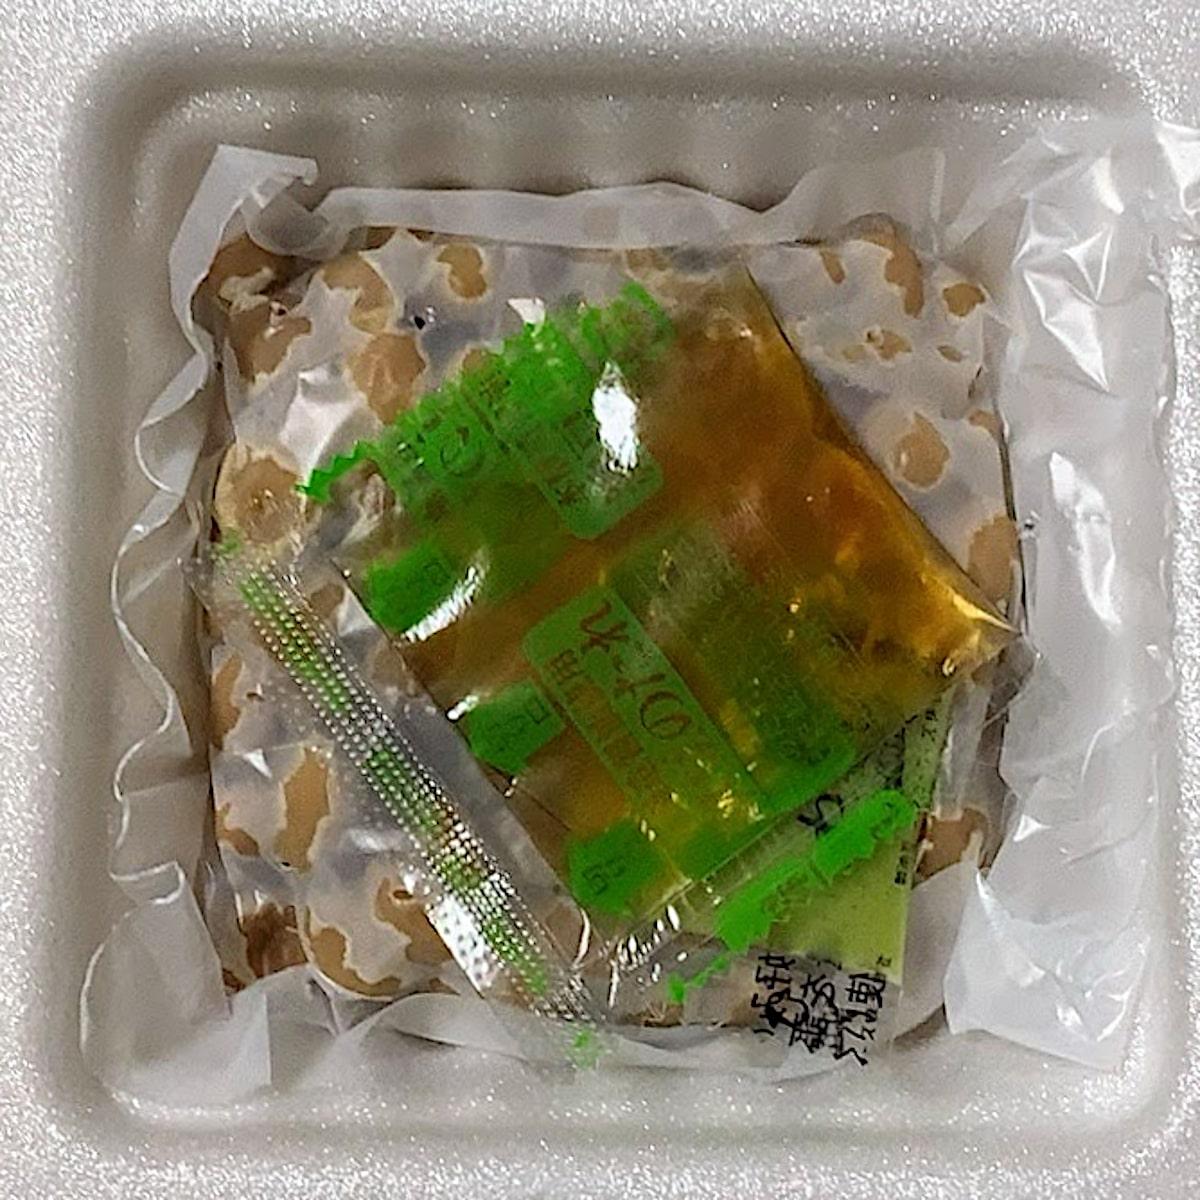 「元気納豆 国産大豆わさび」の容器の中の画像